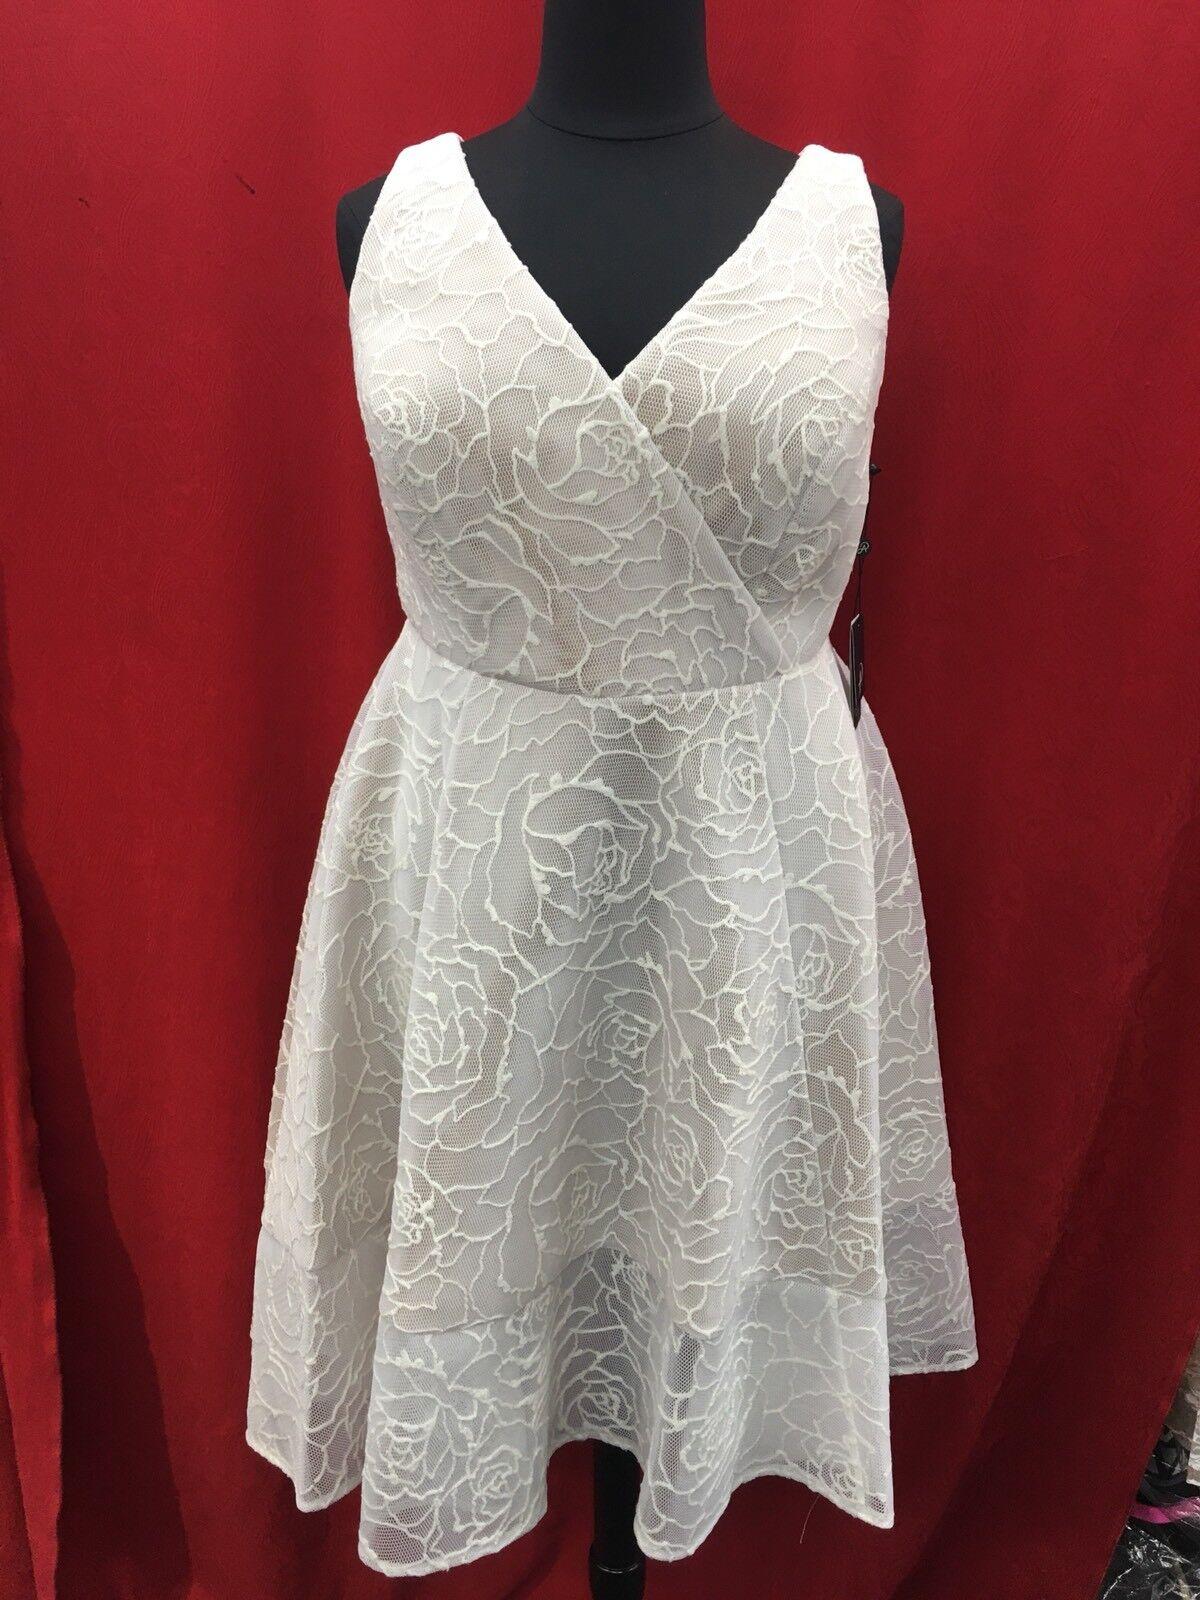 Adrianna Papell Kleid  Elfenbein Neu mit Etikett Größe 16W  Länge 44